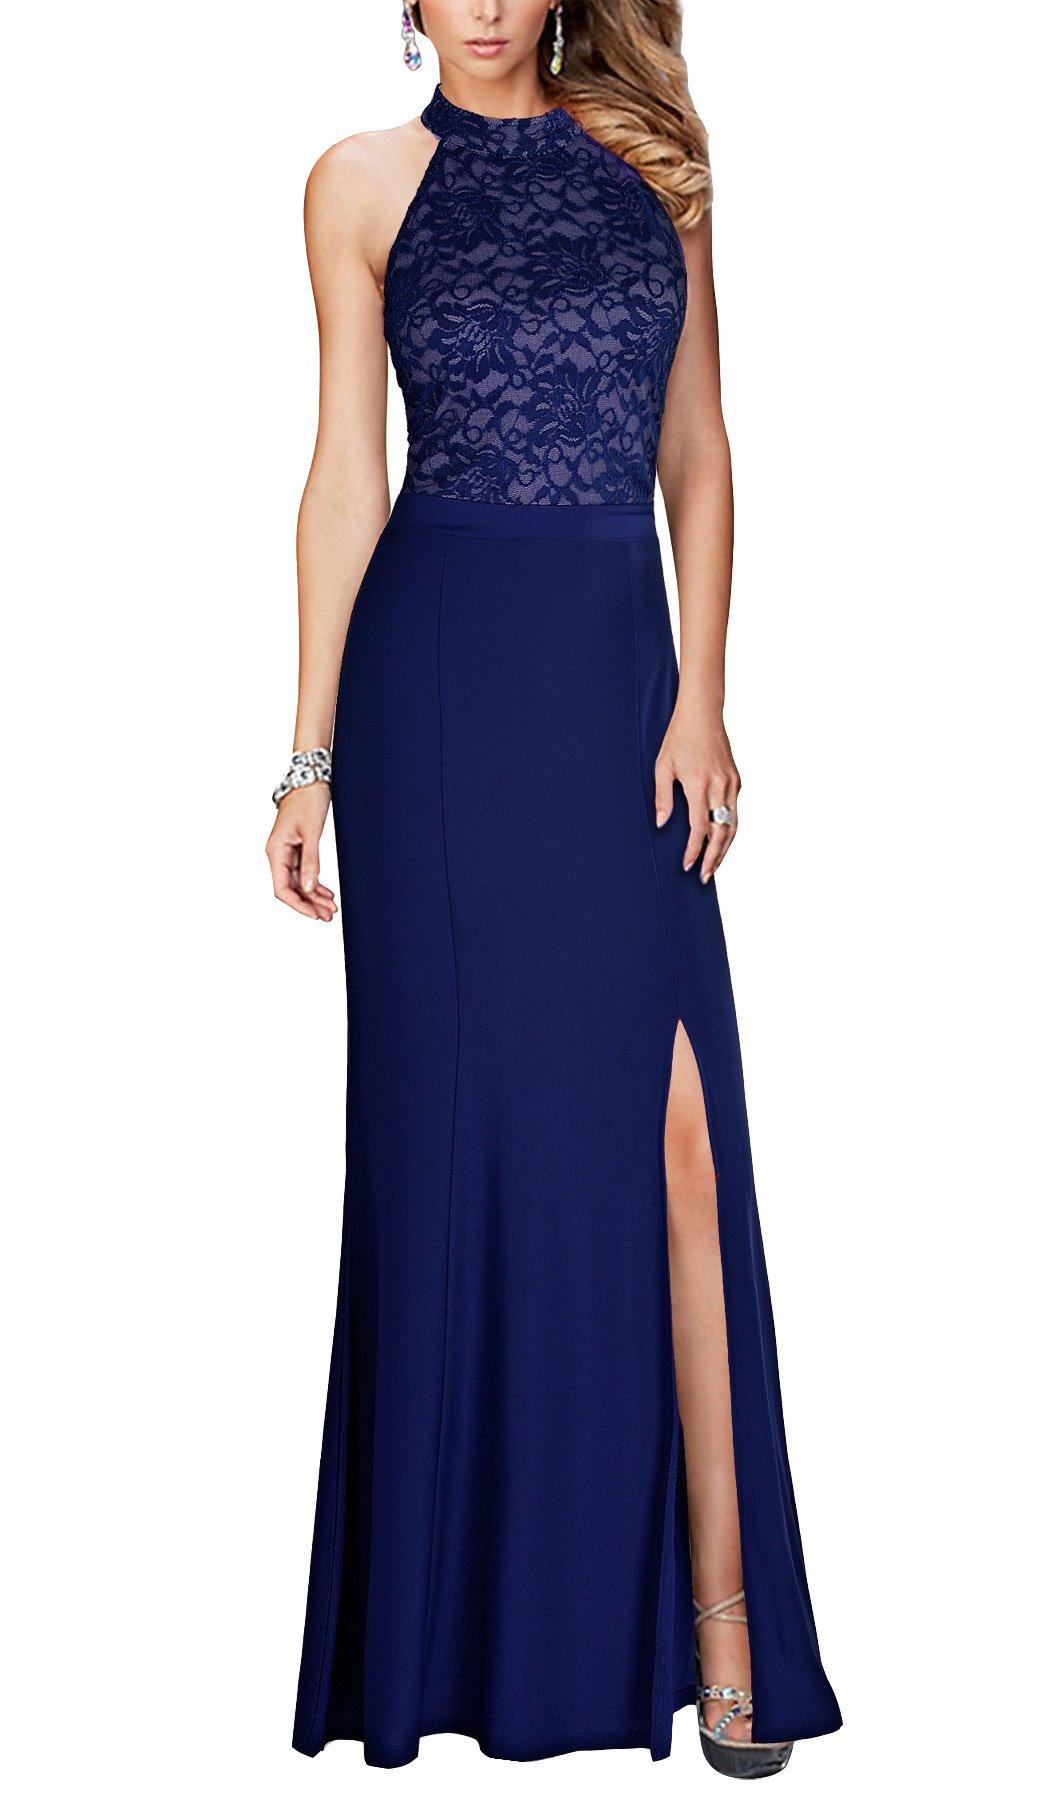 REPHYLLIS Women's Halter Floral Lace Vintage Wedding Maxi Long Dress (S, Blue)